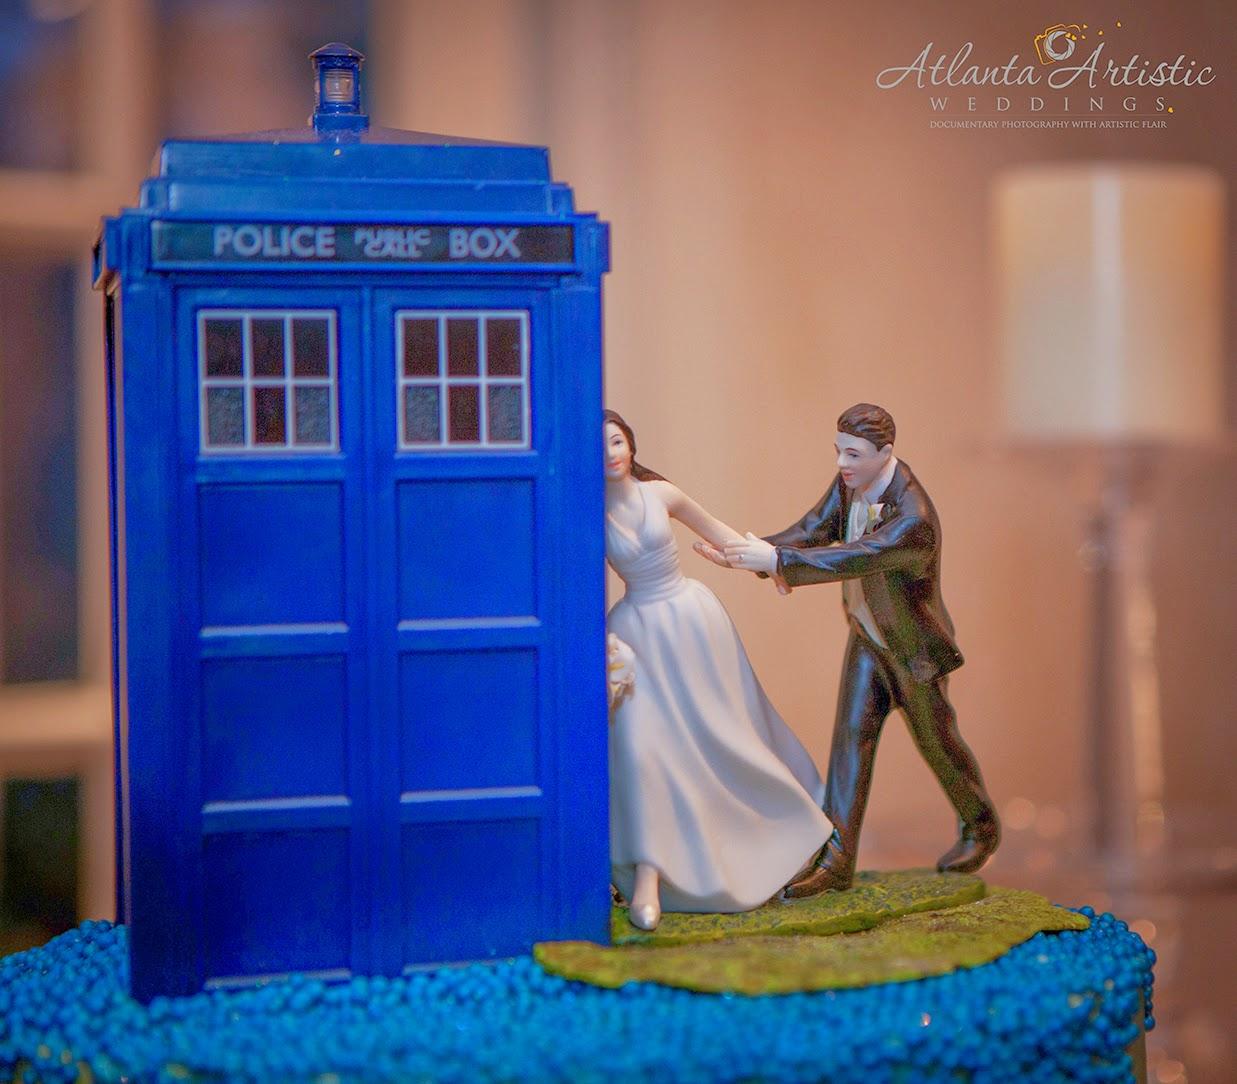 Tardis Wedding Cake Topper Tradis Wedding Cake Topper